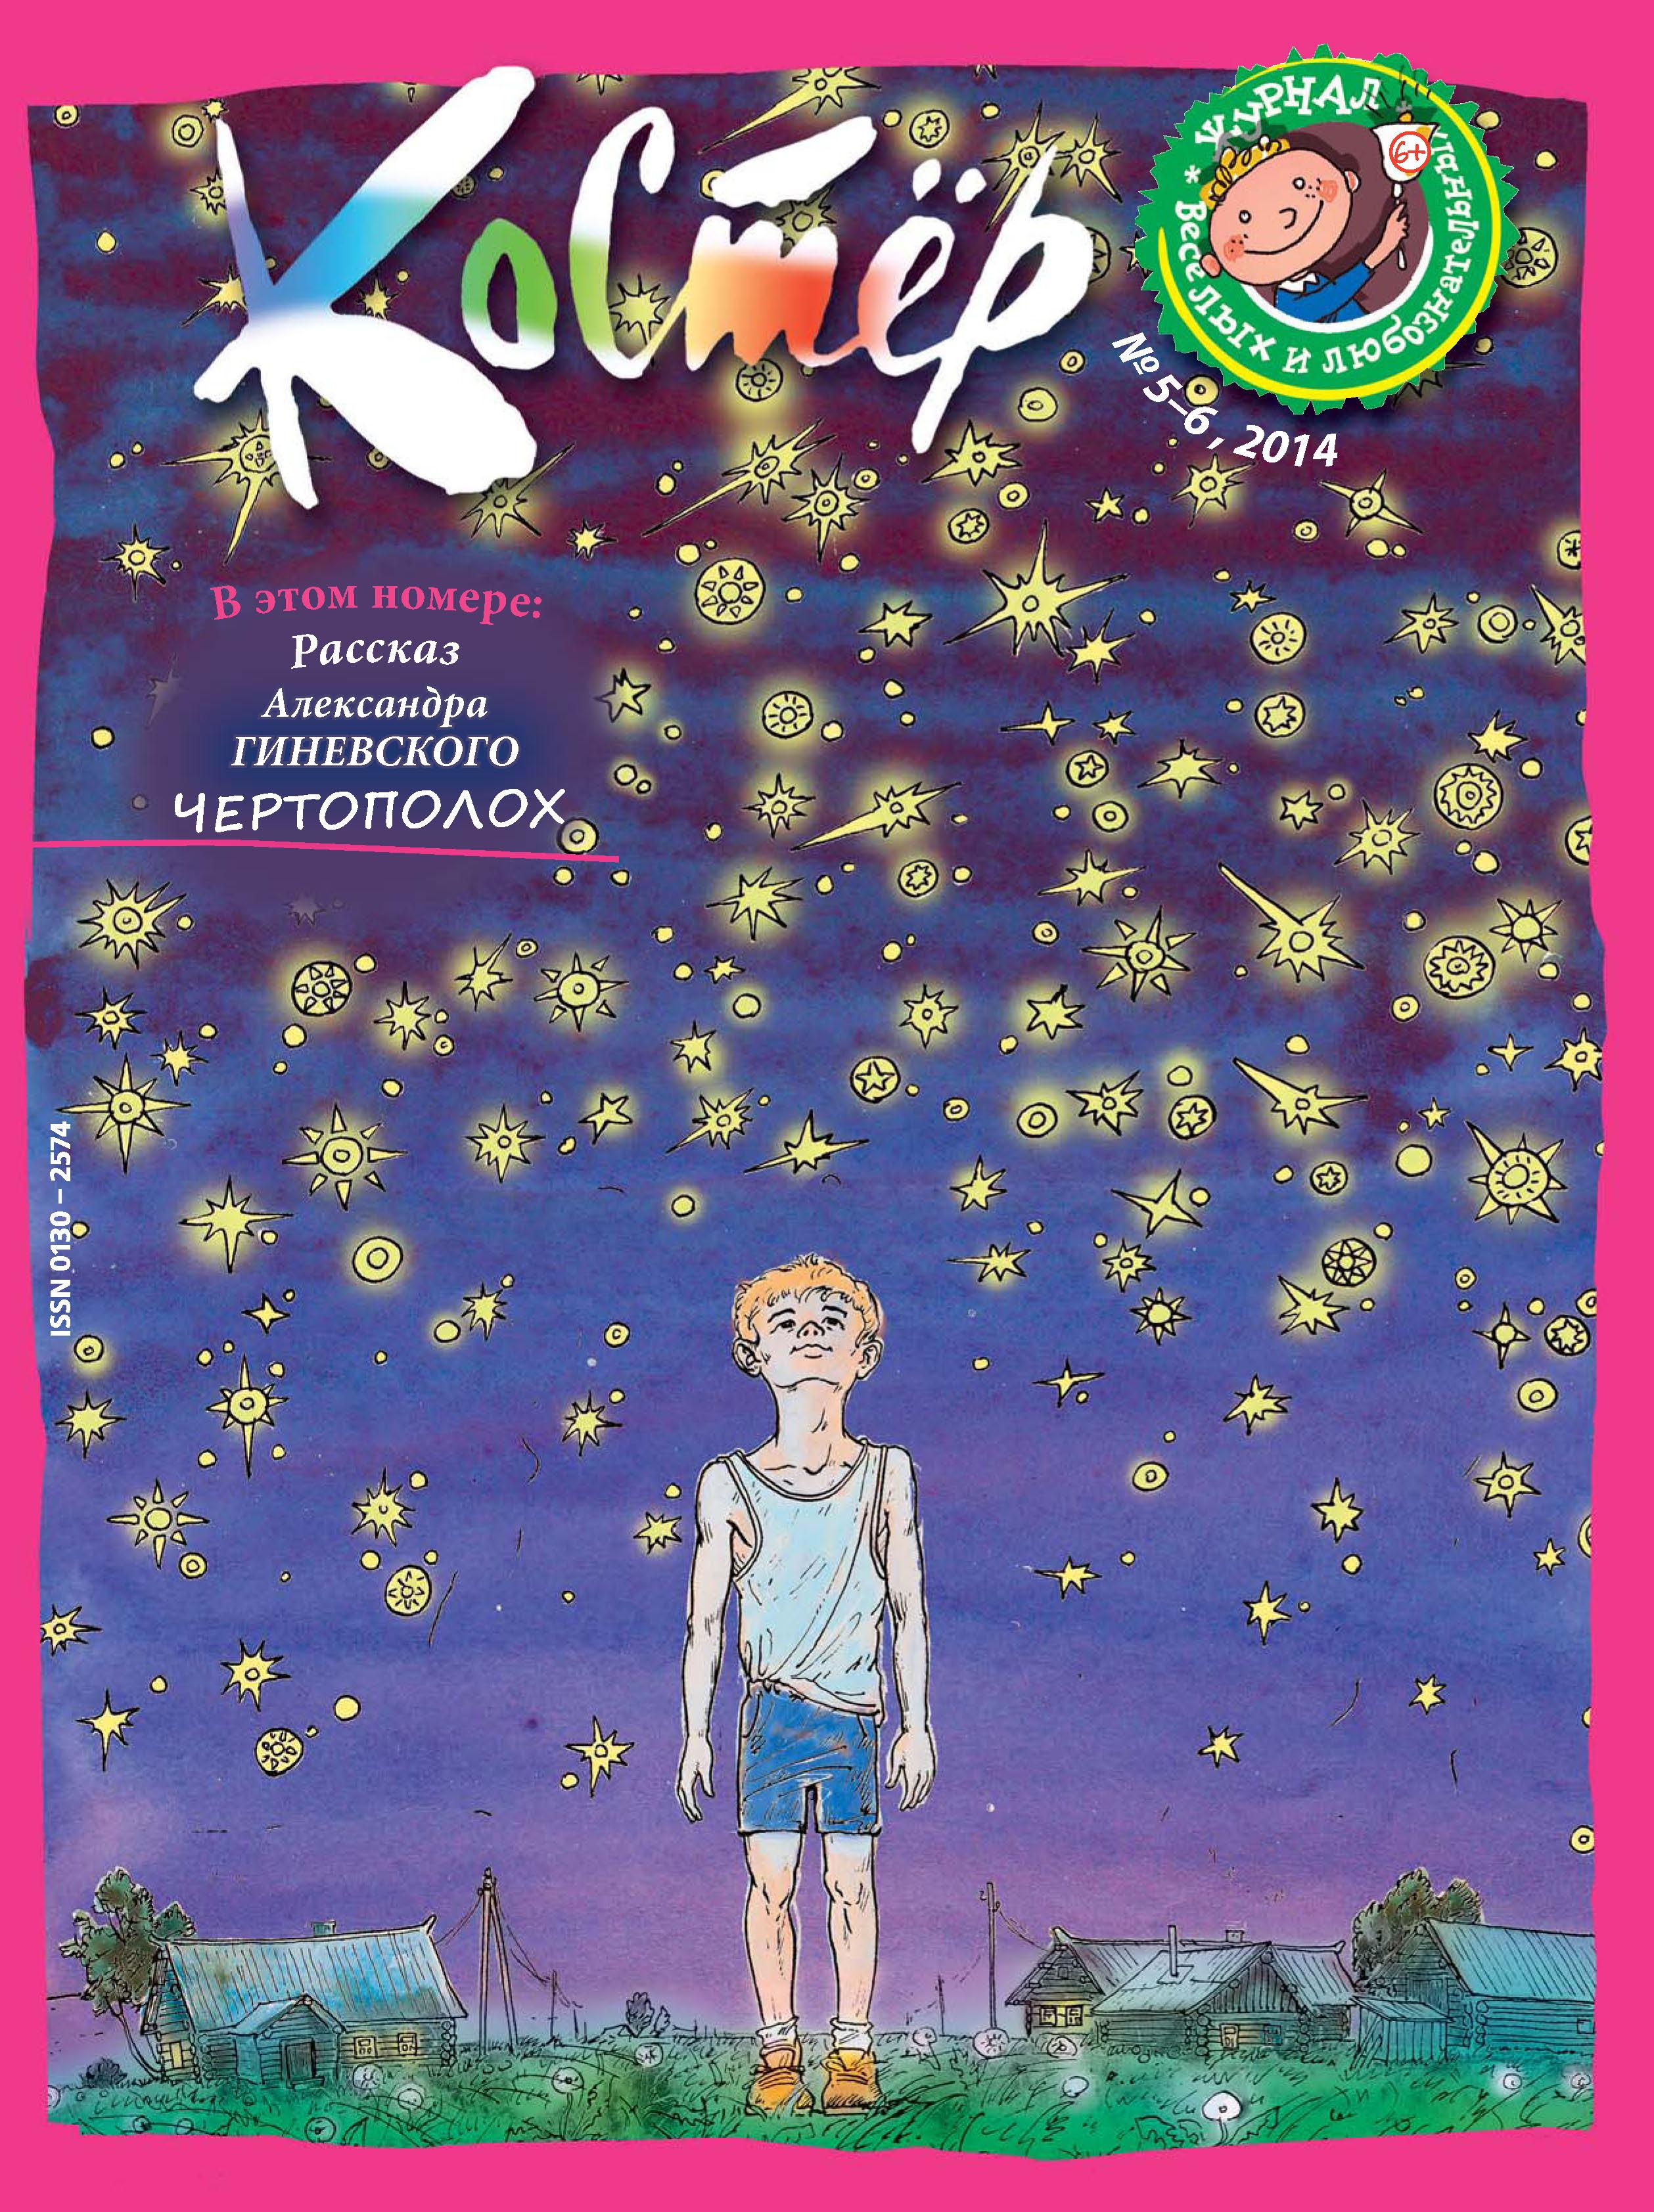 купить Отсутствует Журнал «Костёр» №05-06/2014 недорого